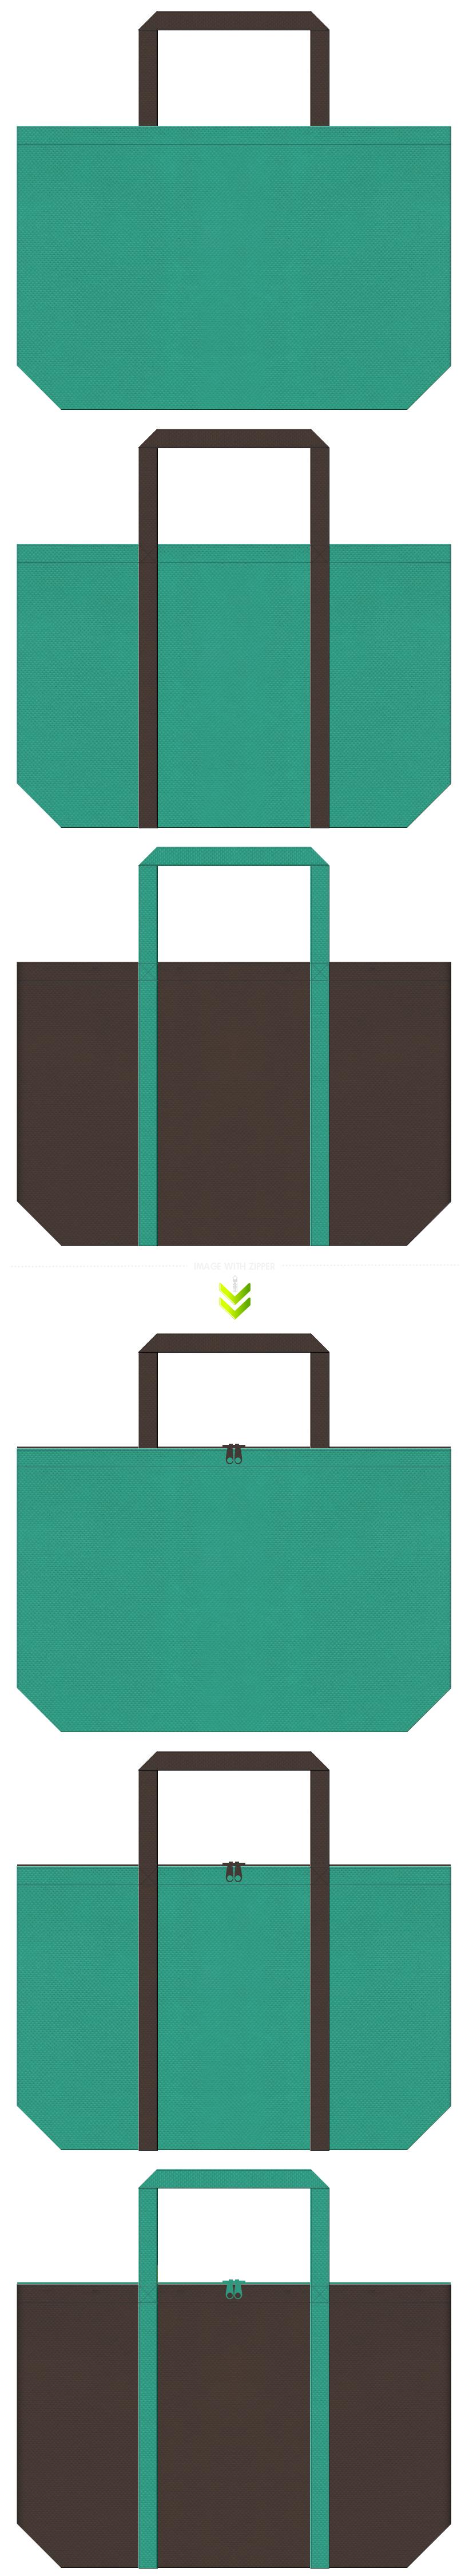 アロマ・ハーブ・フレーバー・ペパーミント・シャーベット・ジェラート・植物園・観葉植物・種苗・肥料・農業イベント・牧場イベント・産直市場・ガーデニング・エクステリア・屋上緑化・壁面緑化・環境セミナー・CO2削減・地球環境・マイバッグ・エコバッグにお奨めの不織布バッグデザイン:青緑色とこげ茶色のコーデ